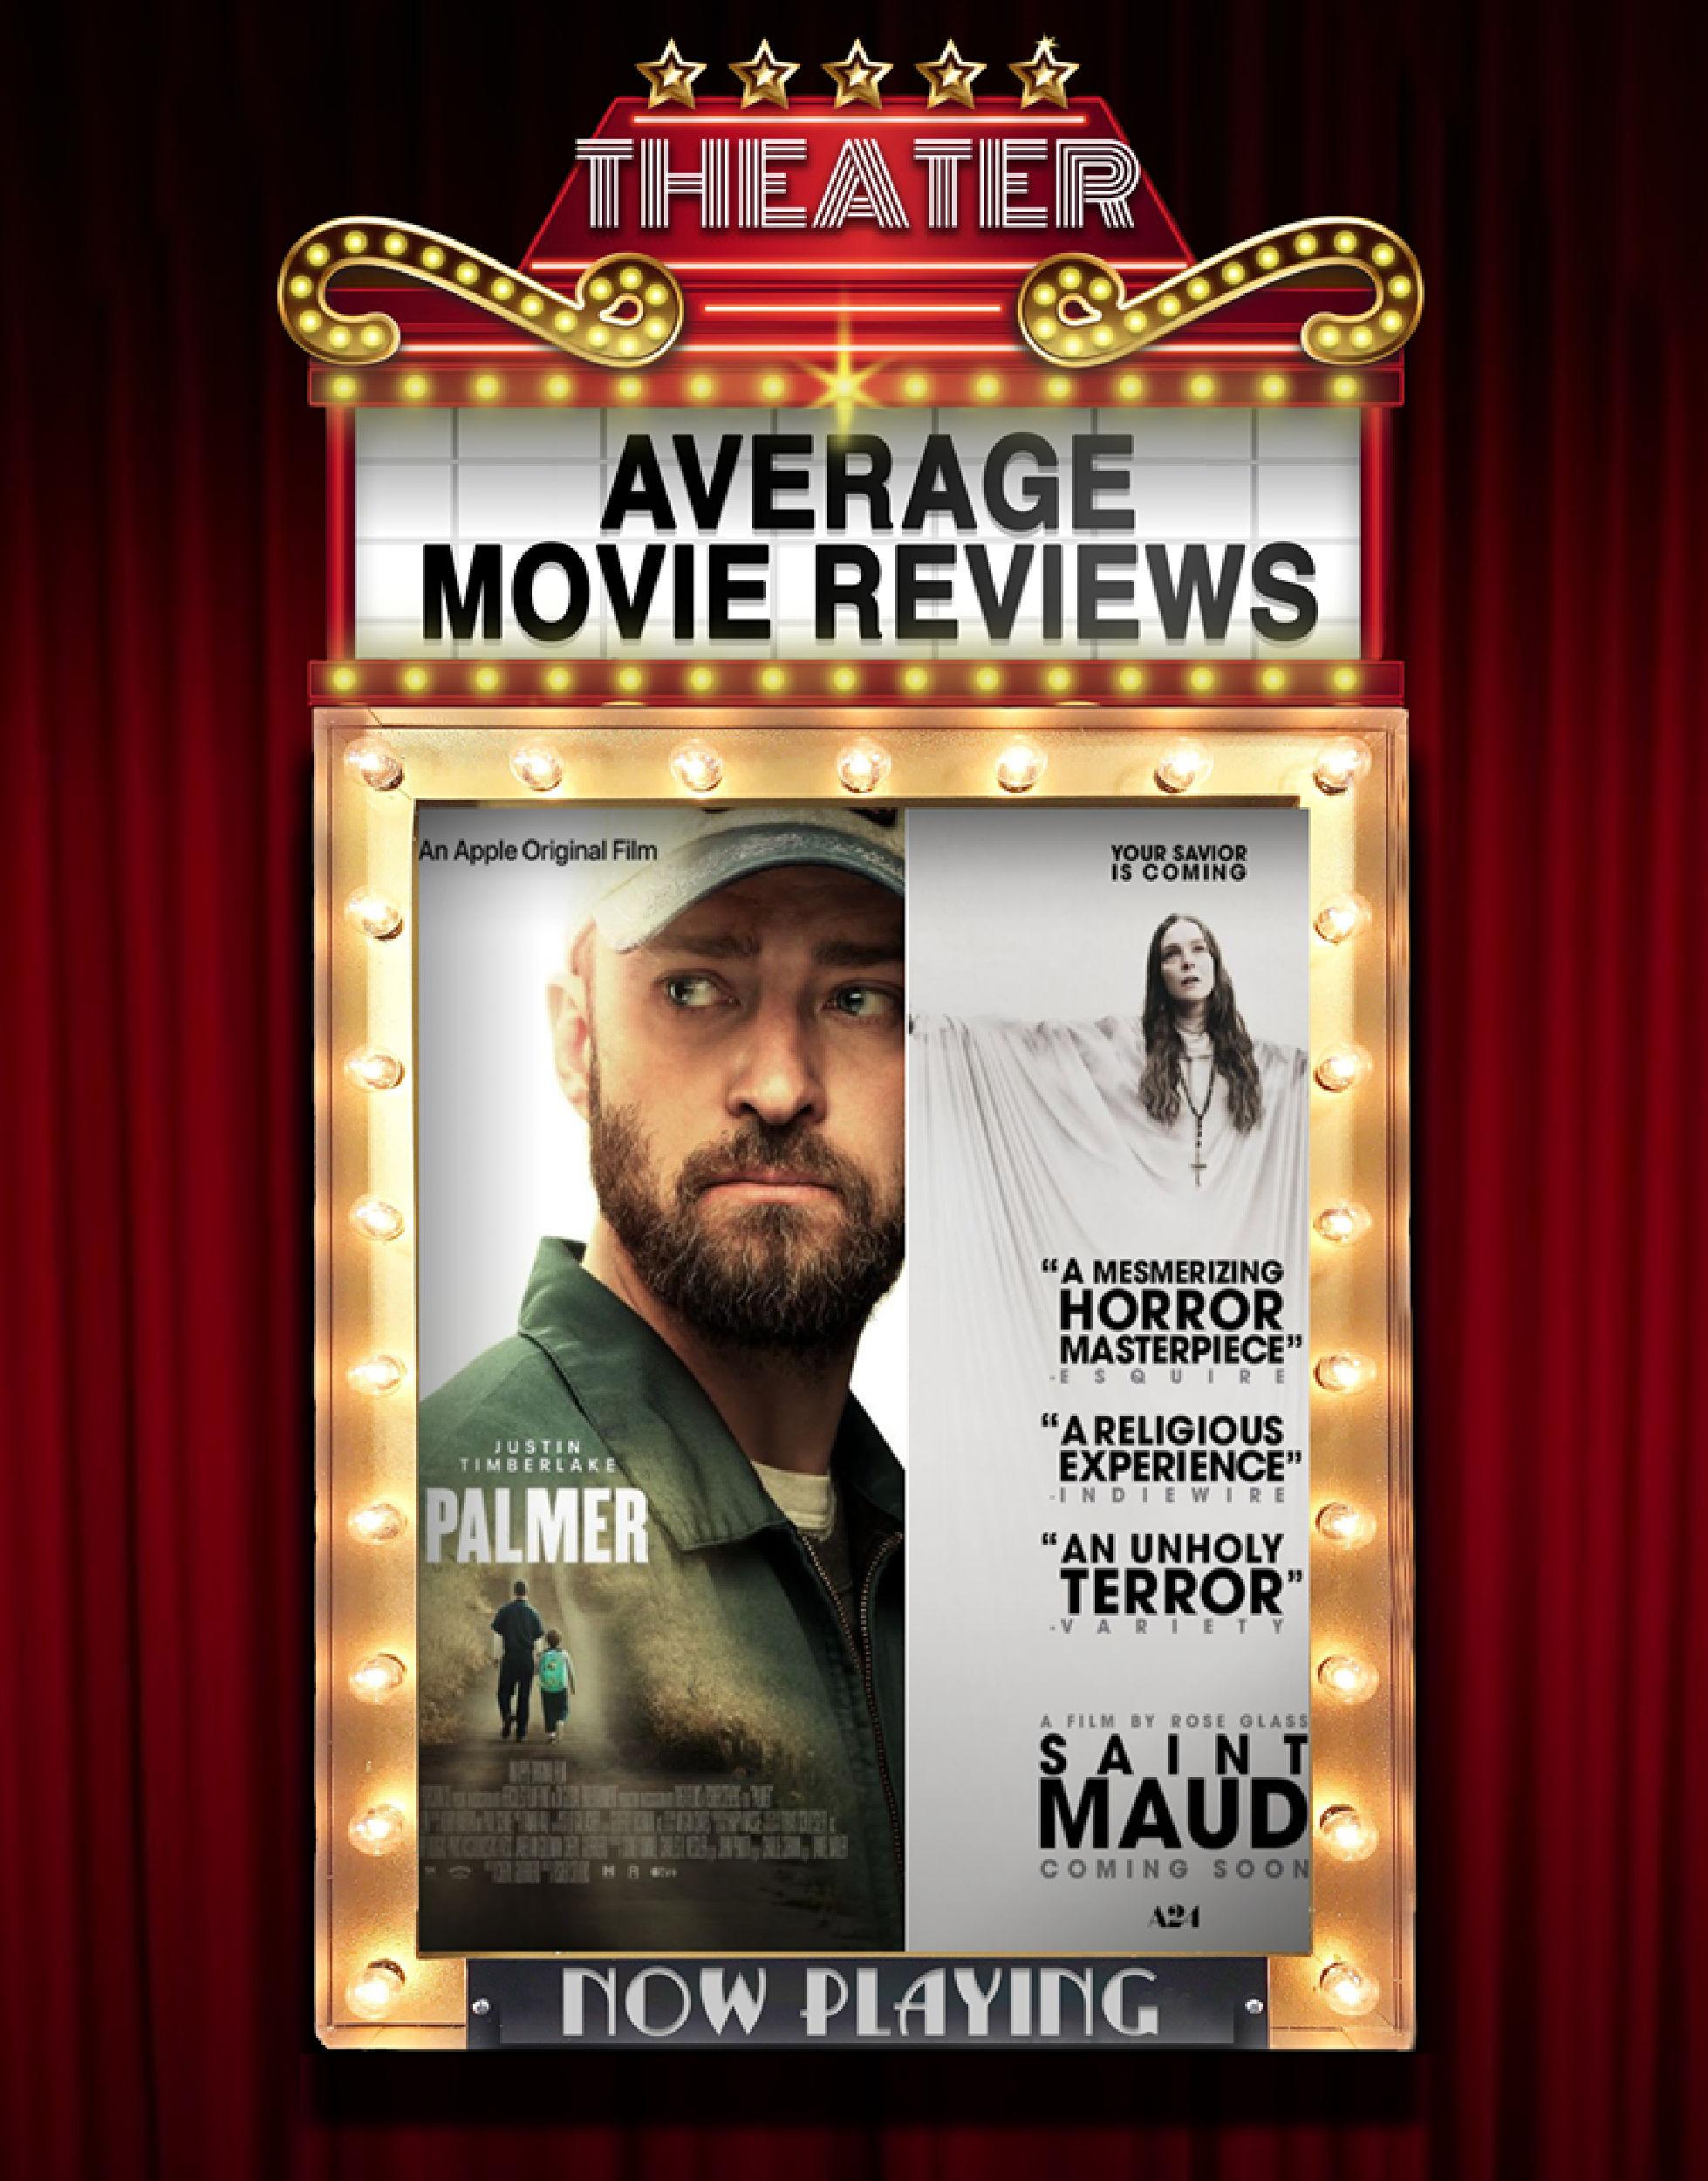 Average Movie Reviews